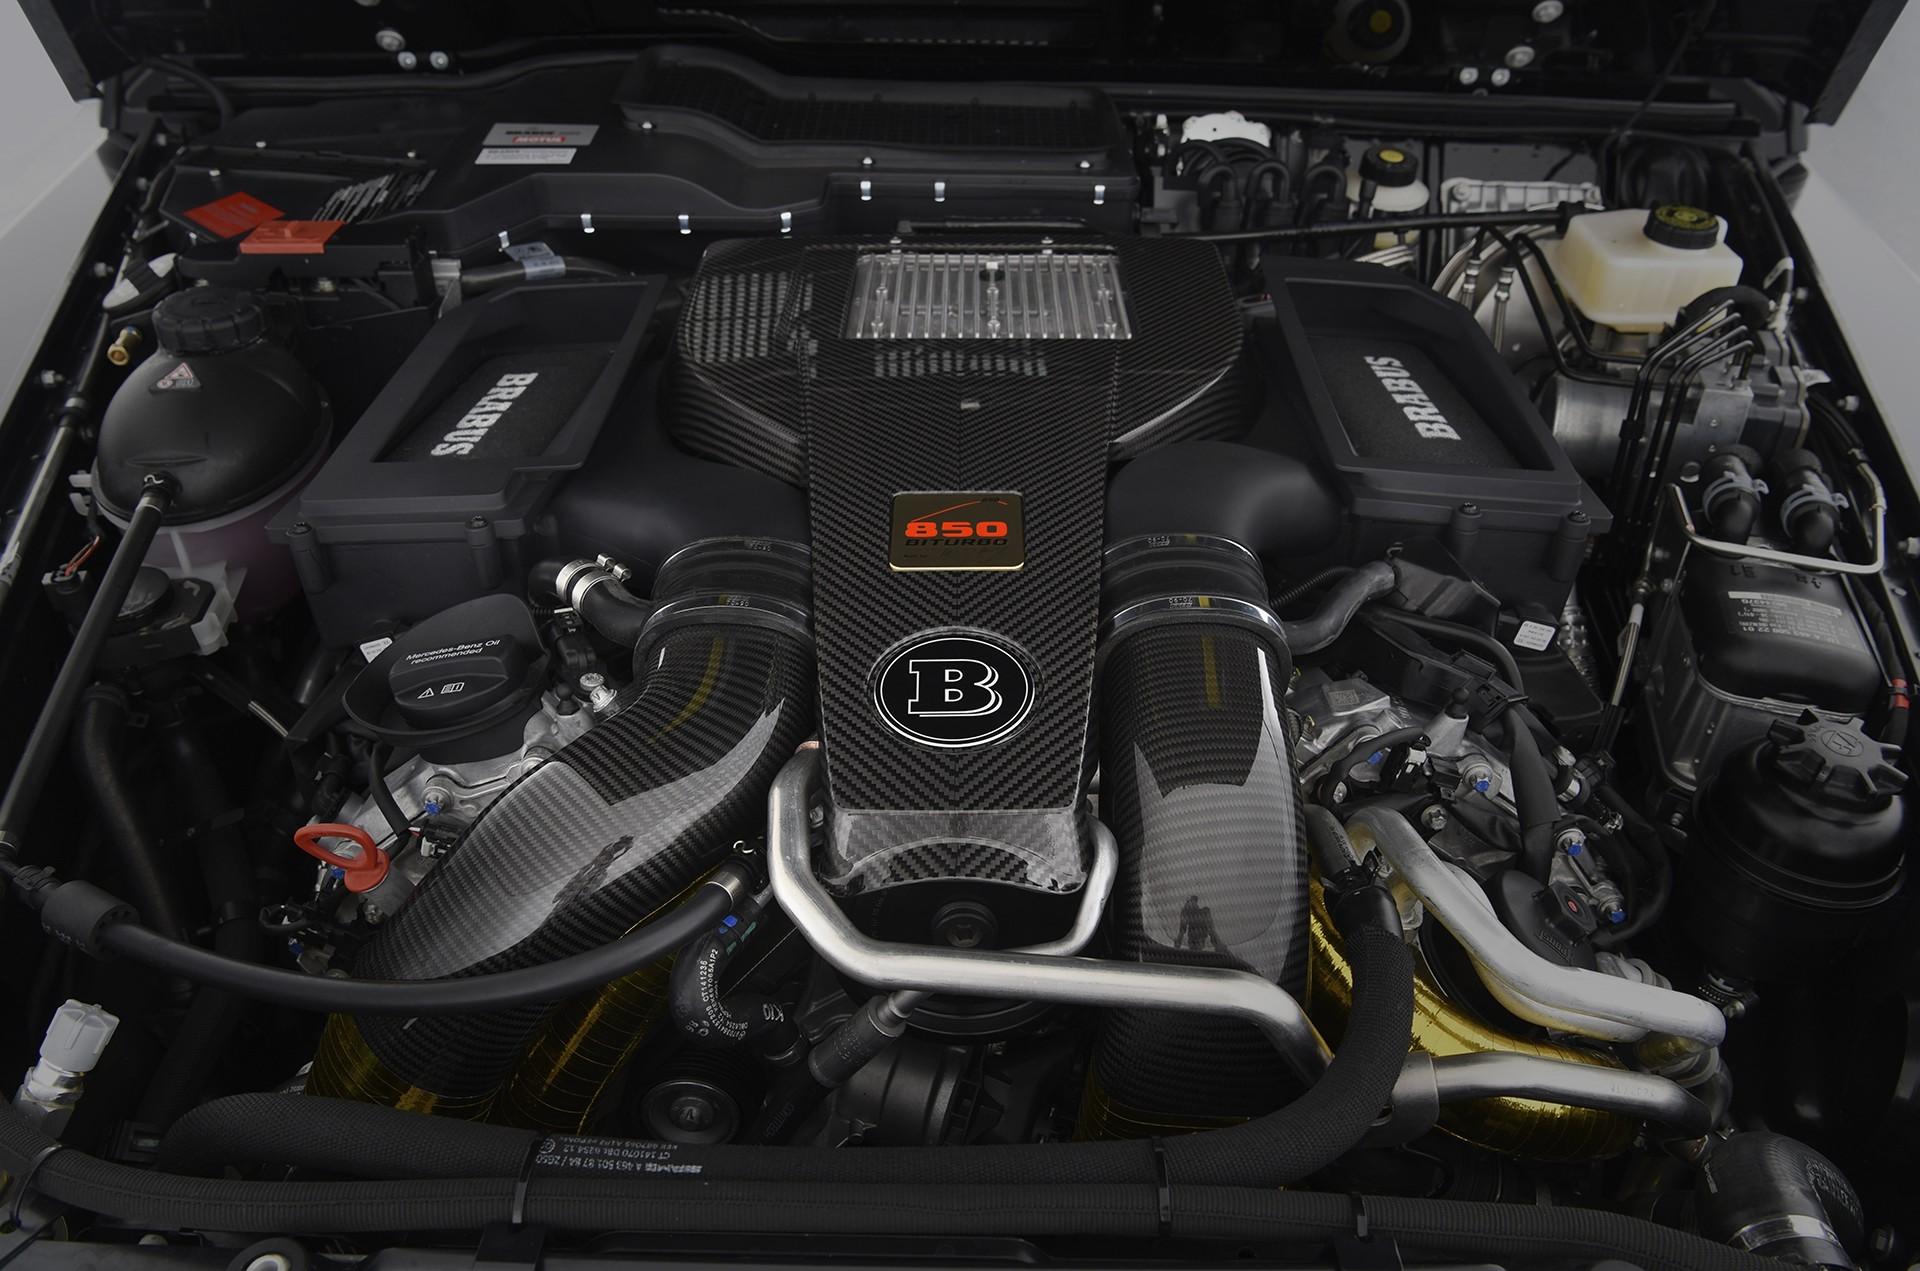 巴博斯G63 AMG 850匹马力 大图3